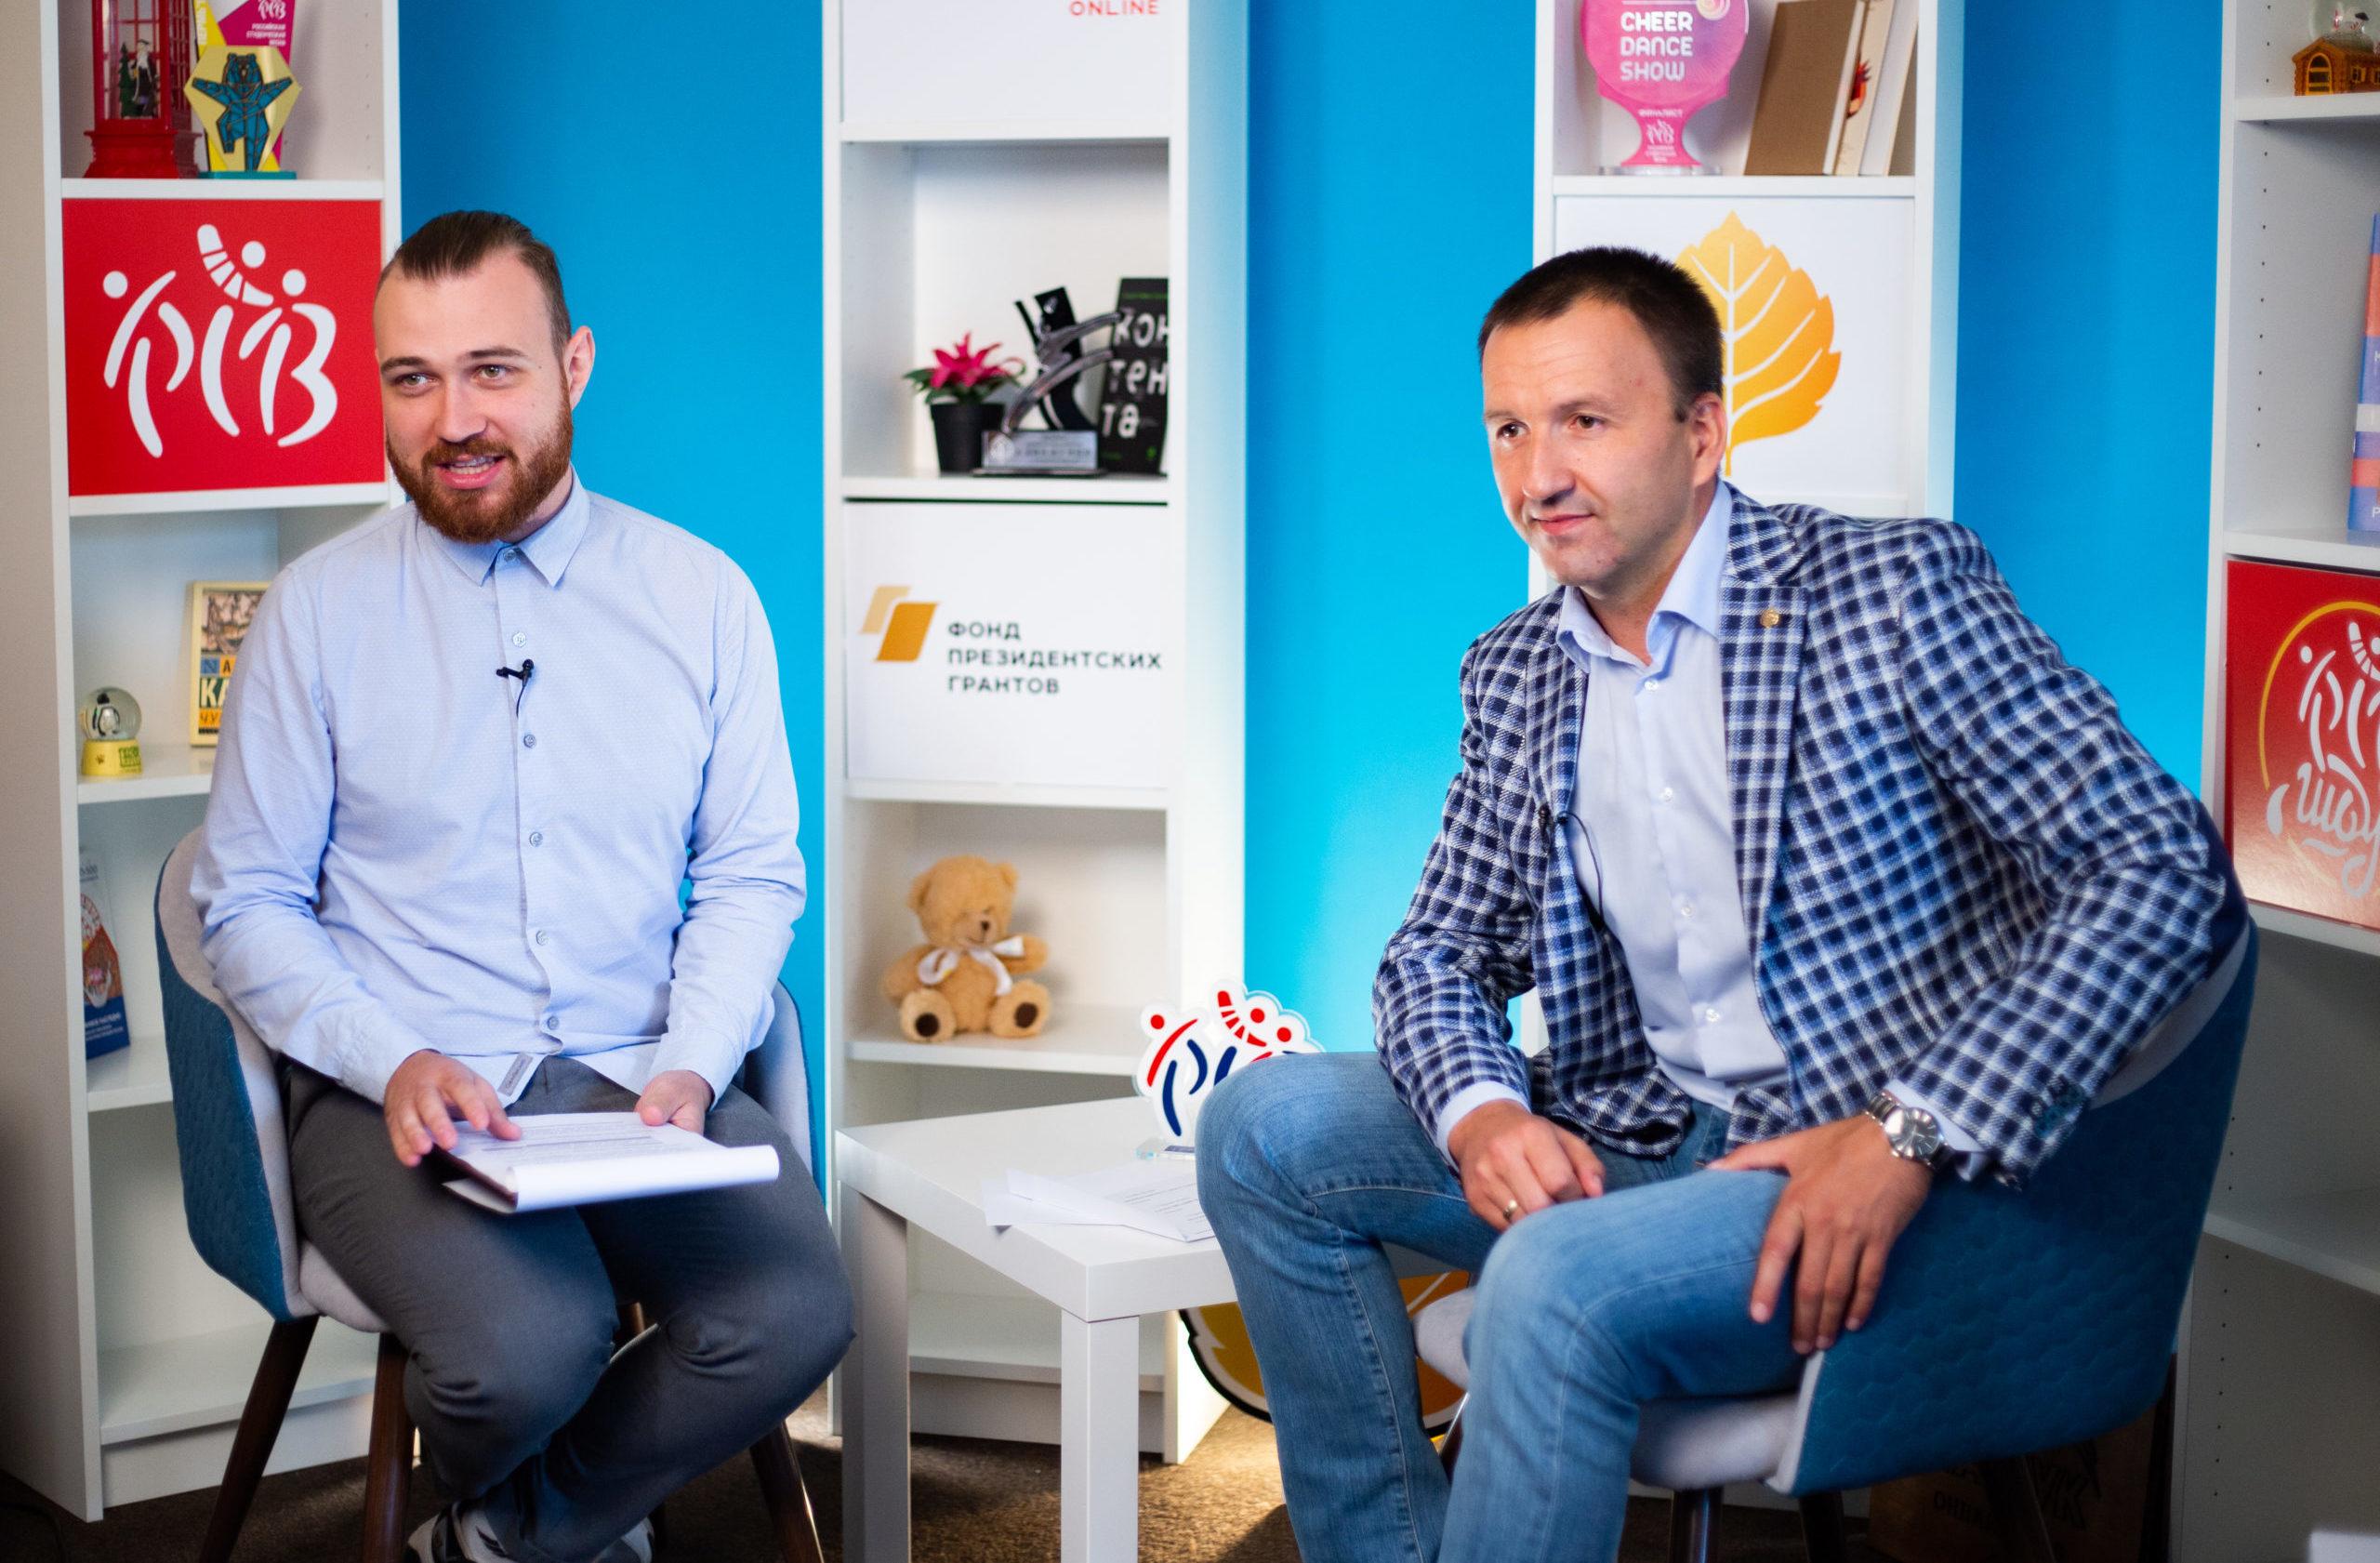 Объявлены победители крупнейшего творческого интернет-проекта России «Студвесна ONLINE»